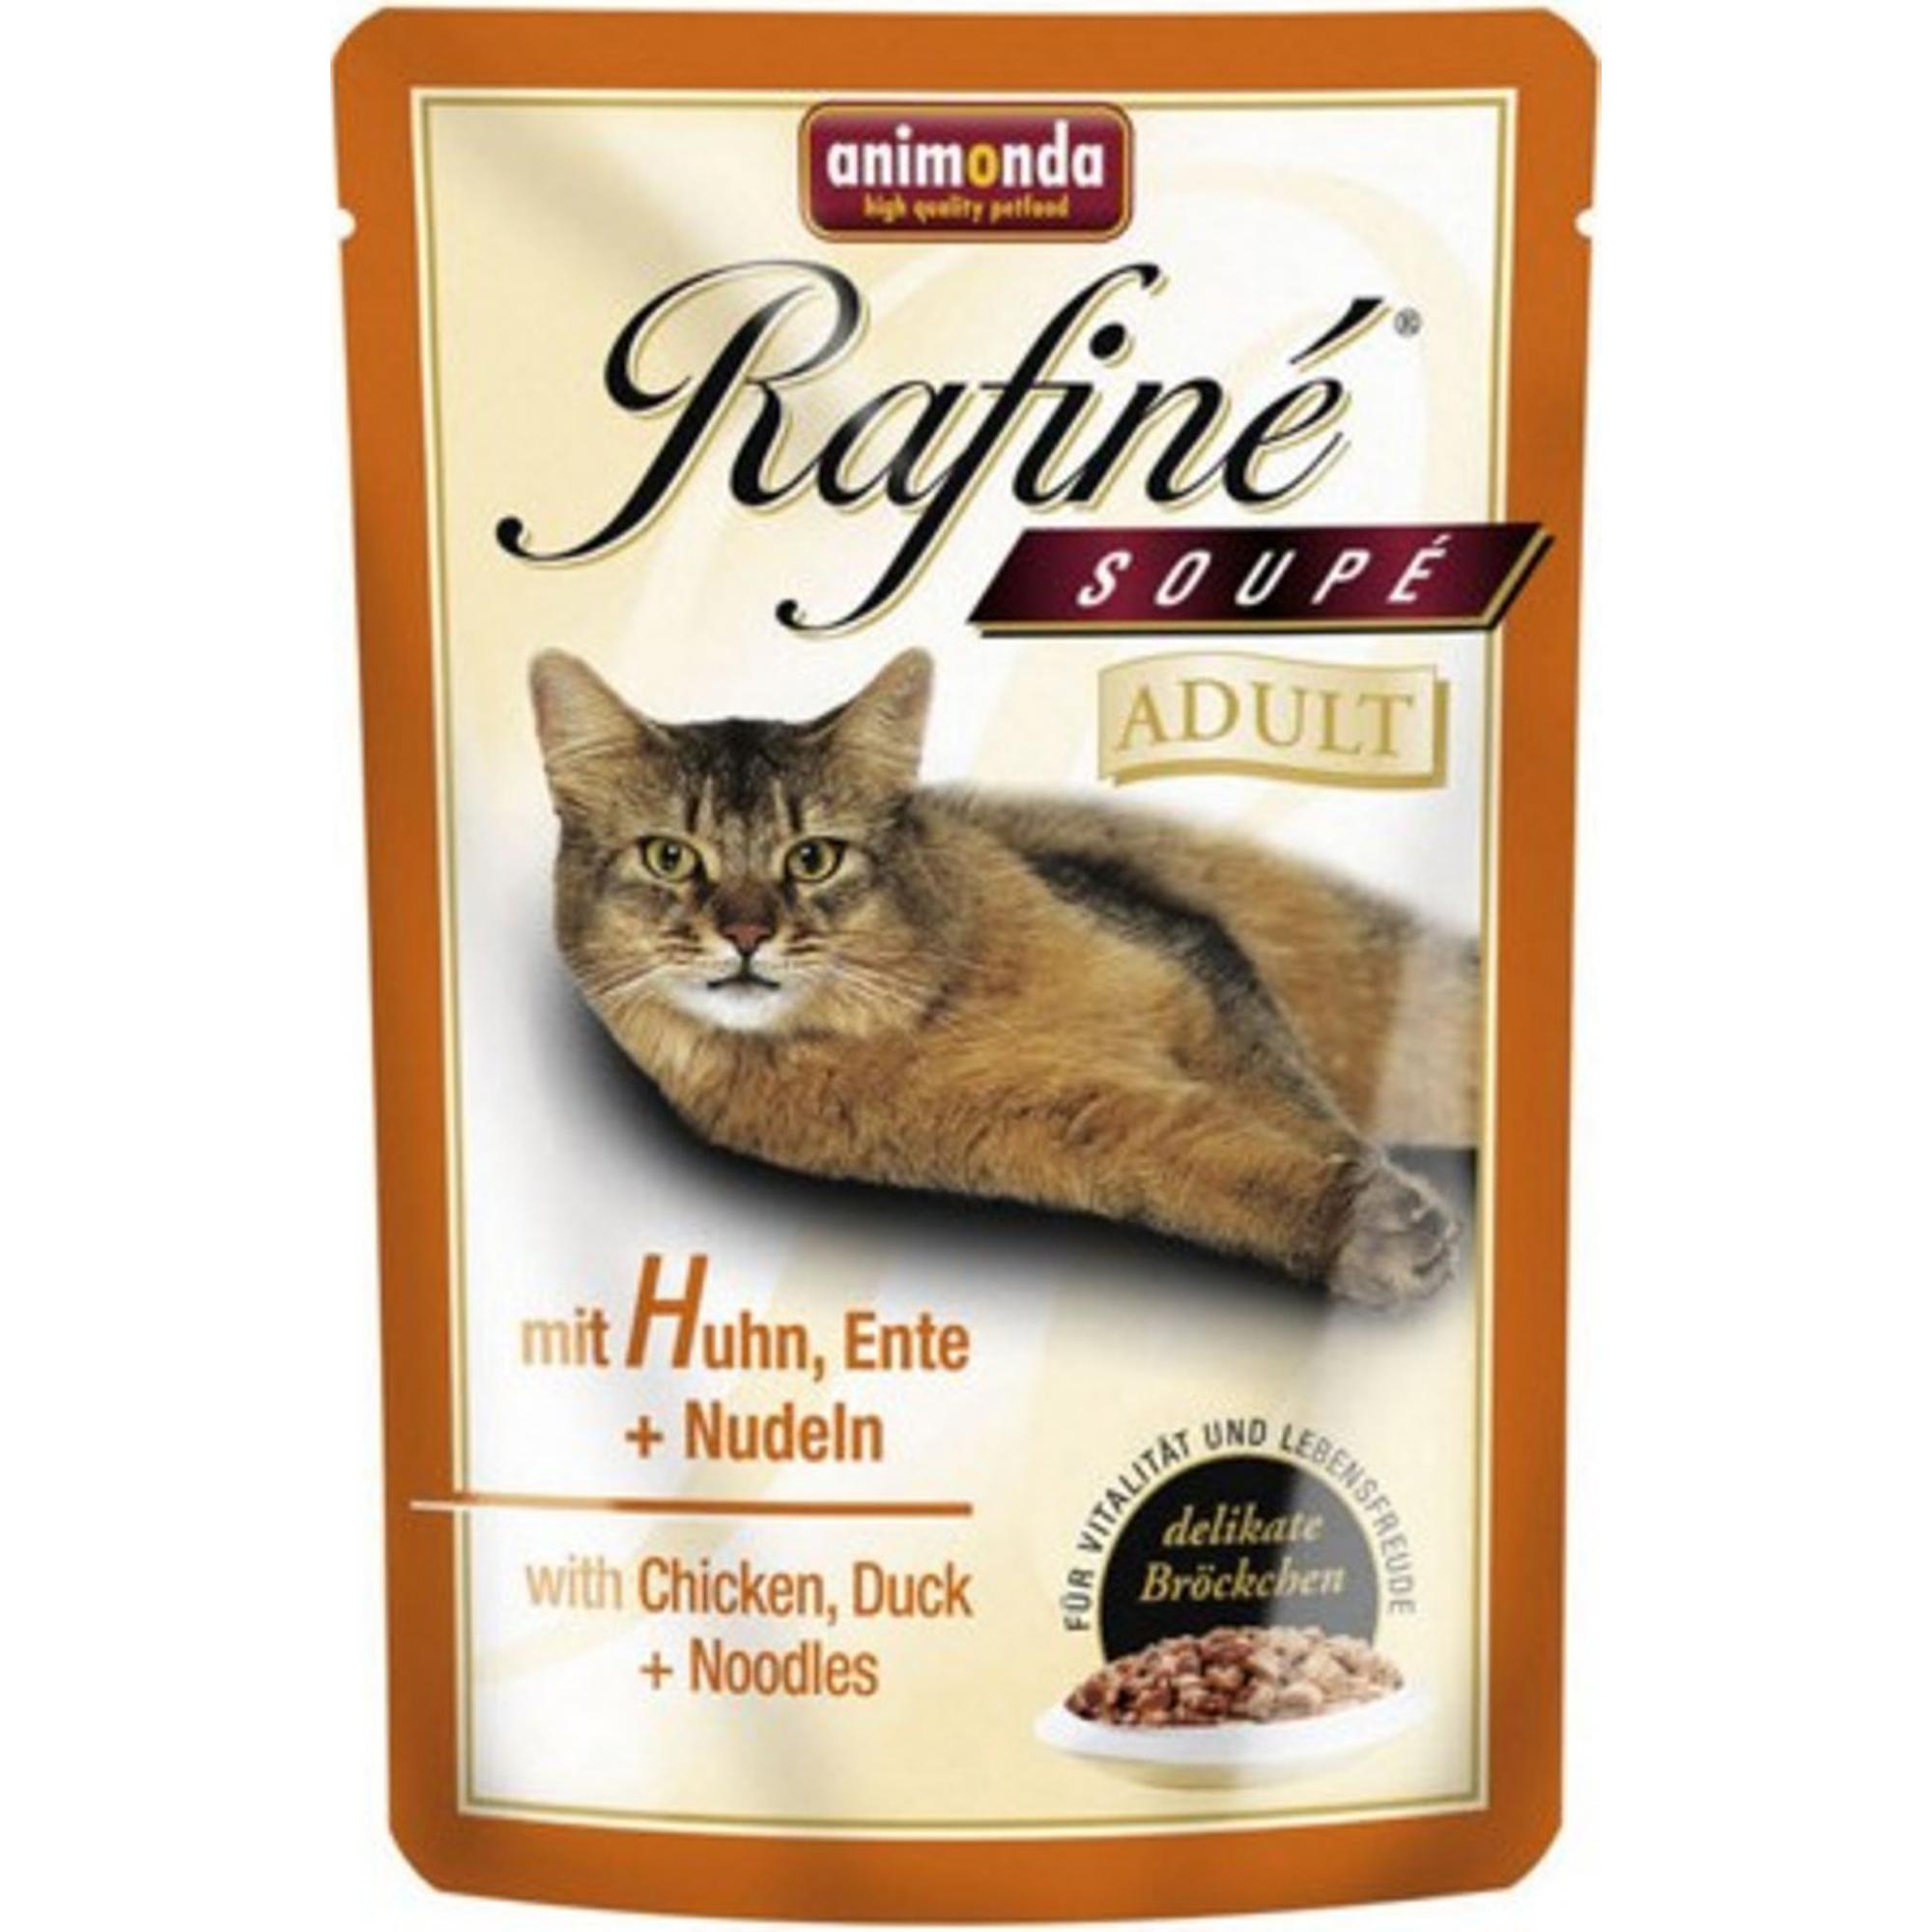 Фото - Корм для кошек ANIMONDA Rafine Soupe коктейль из курицы, утки и пасты 100г влажный корм для кошек animonda rafine 24шт х 100 г кусочки в соусе